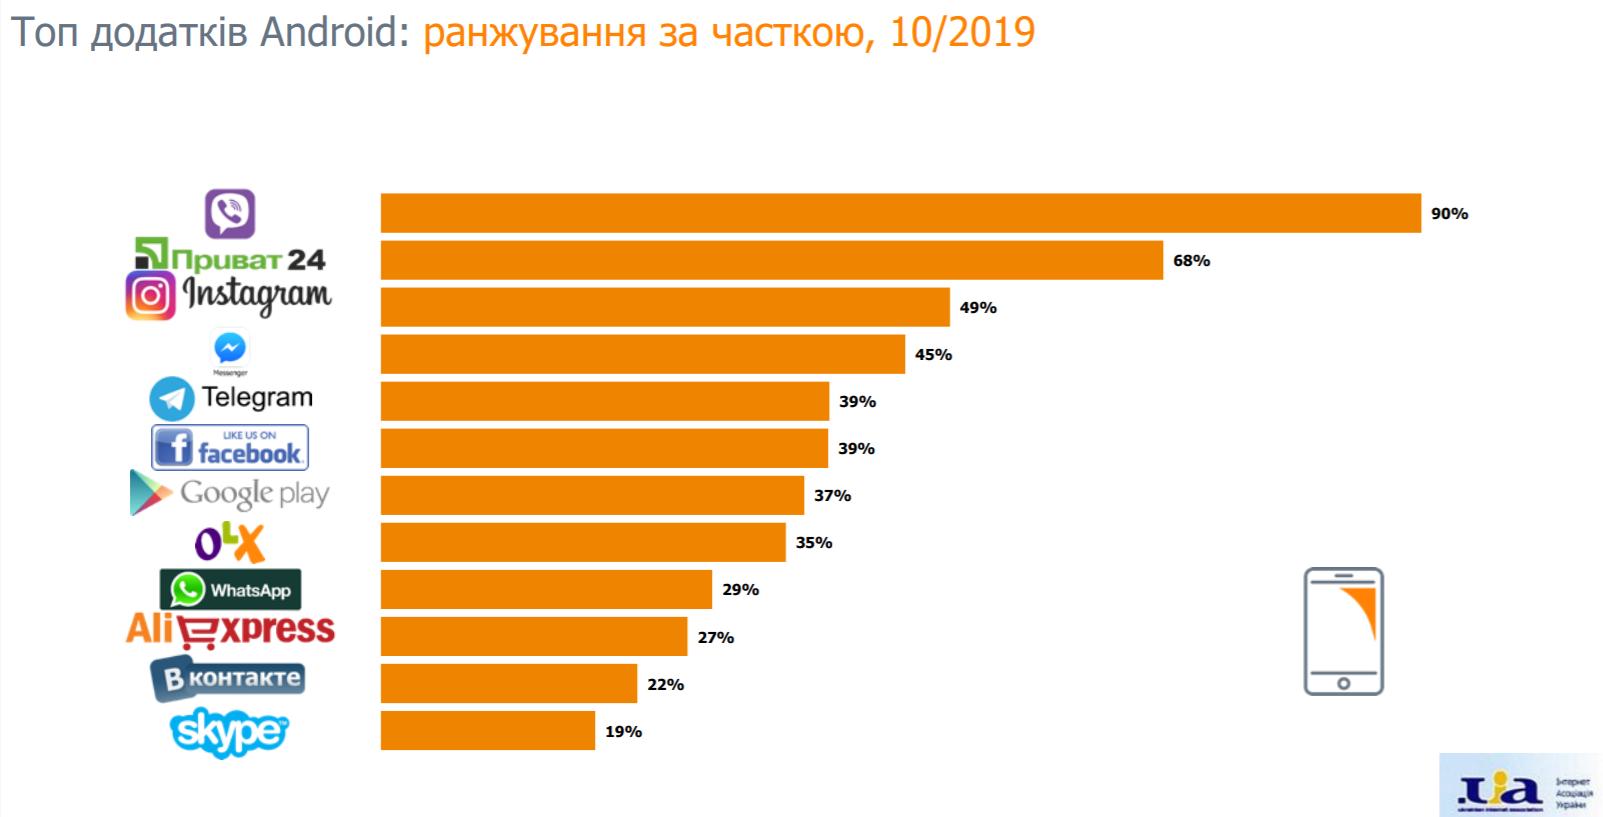 В Украине «Одноклассники» обогнали «ВКонтакте»: ТОП 25 сайтов и приложений. Новости Украины